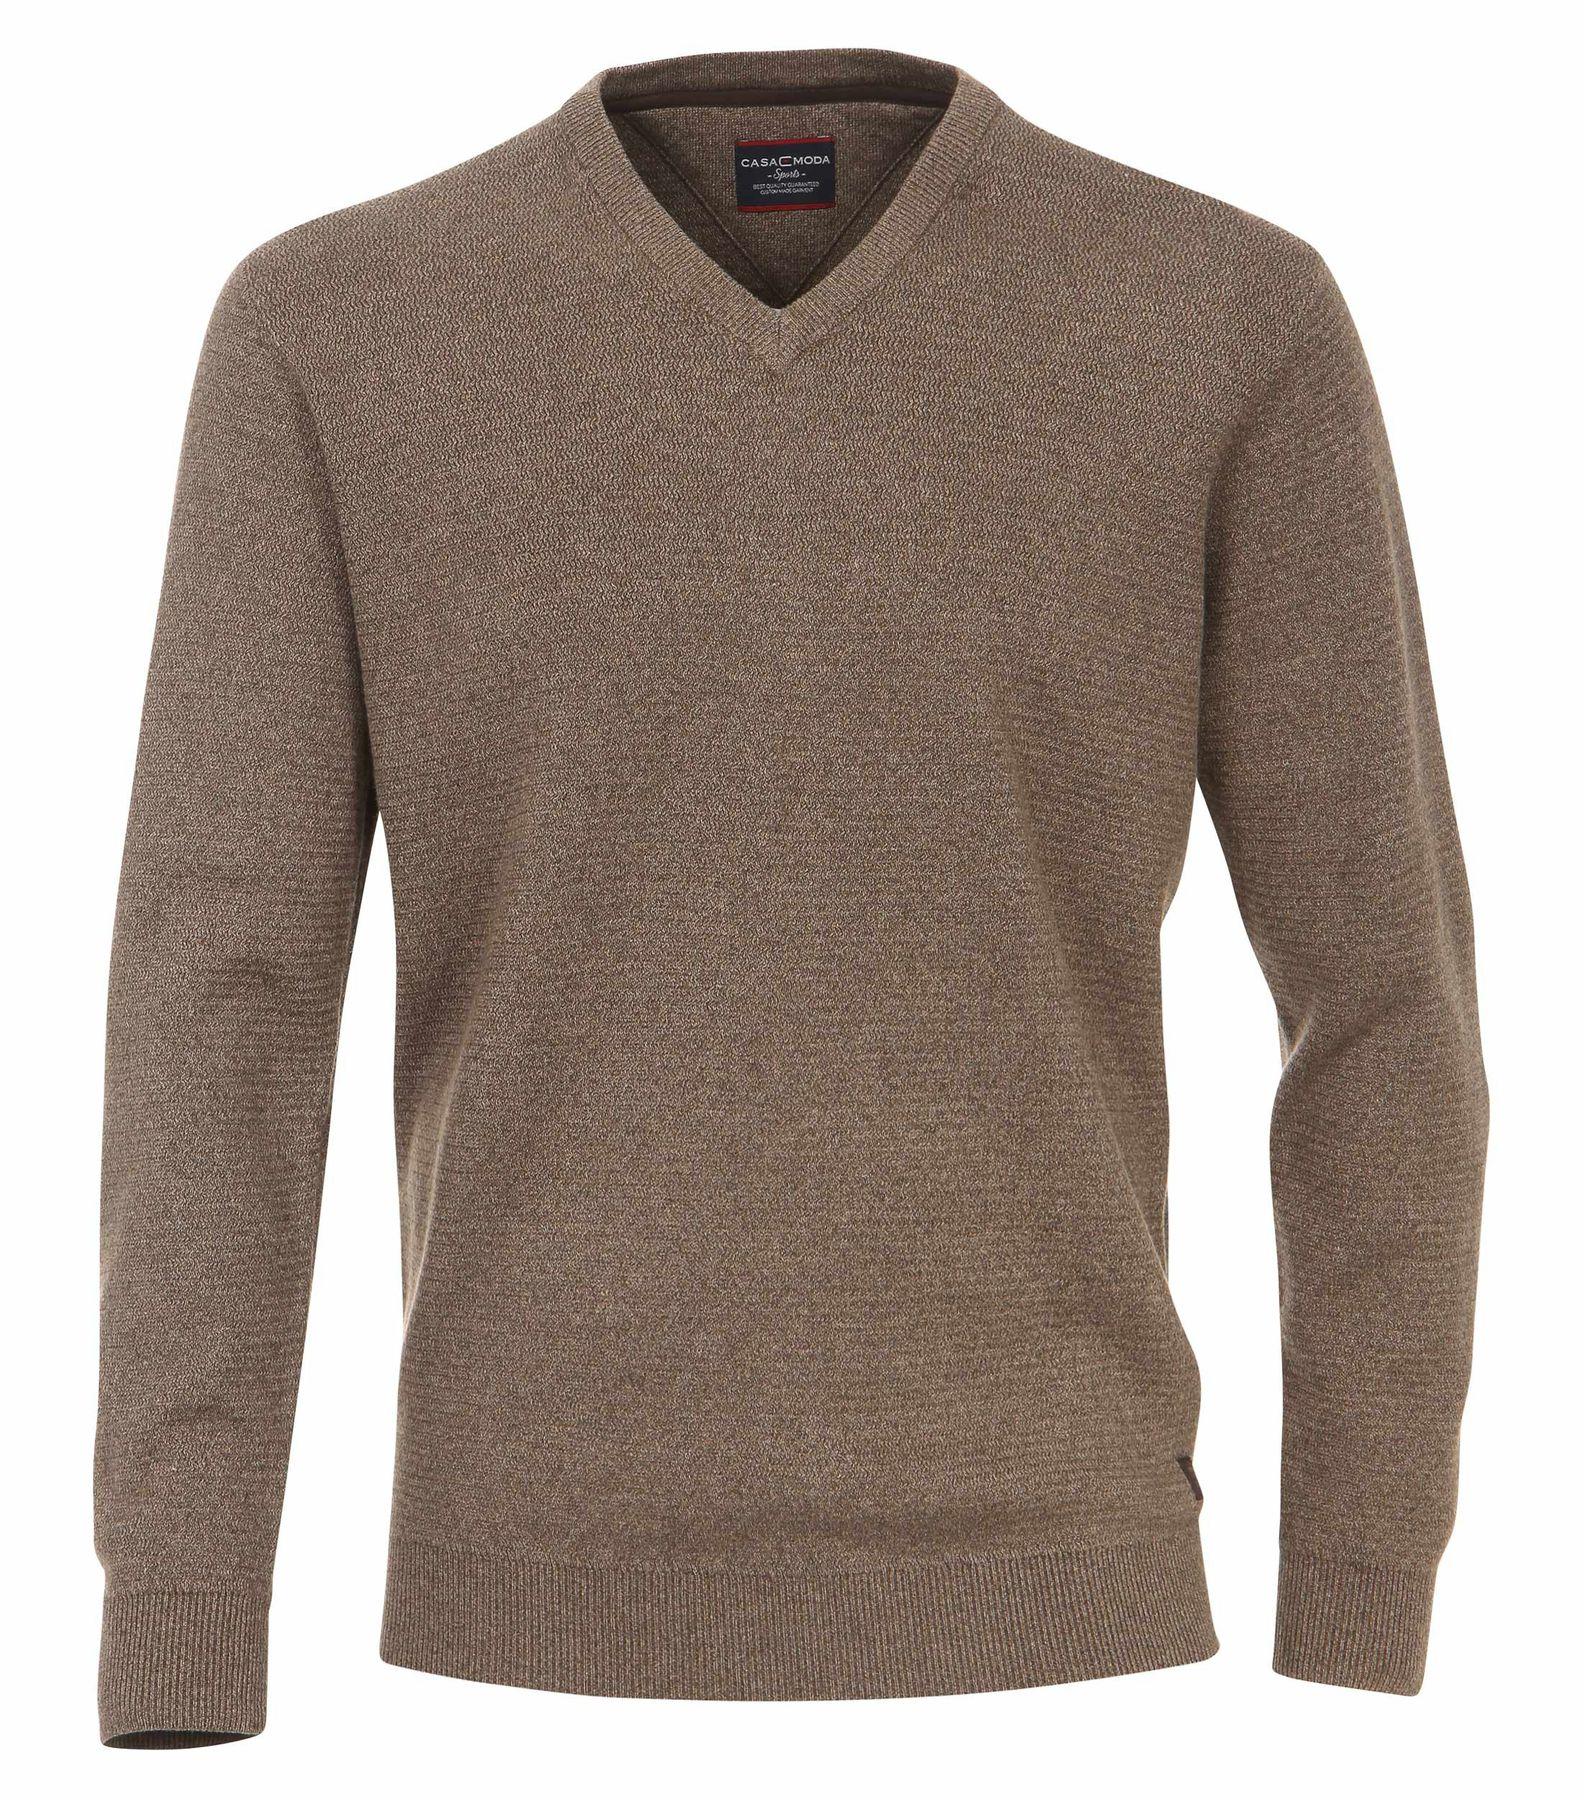 Casa Moda - Herren Pullover mit V-Ausschnitt in Melange Optik (462521200A) – Bild 13